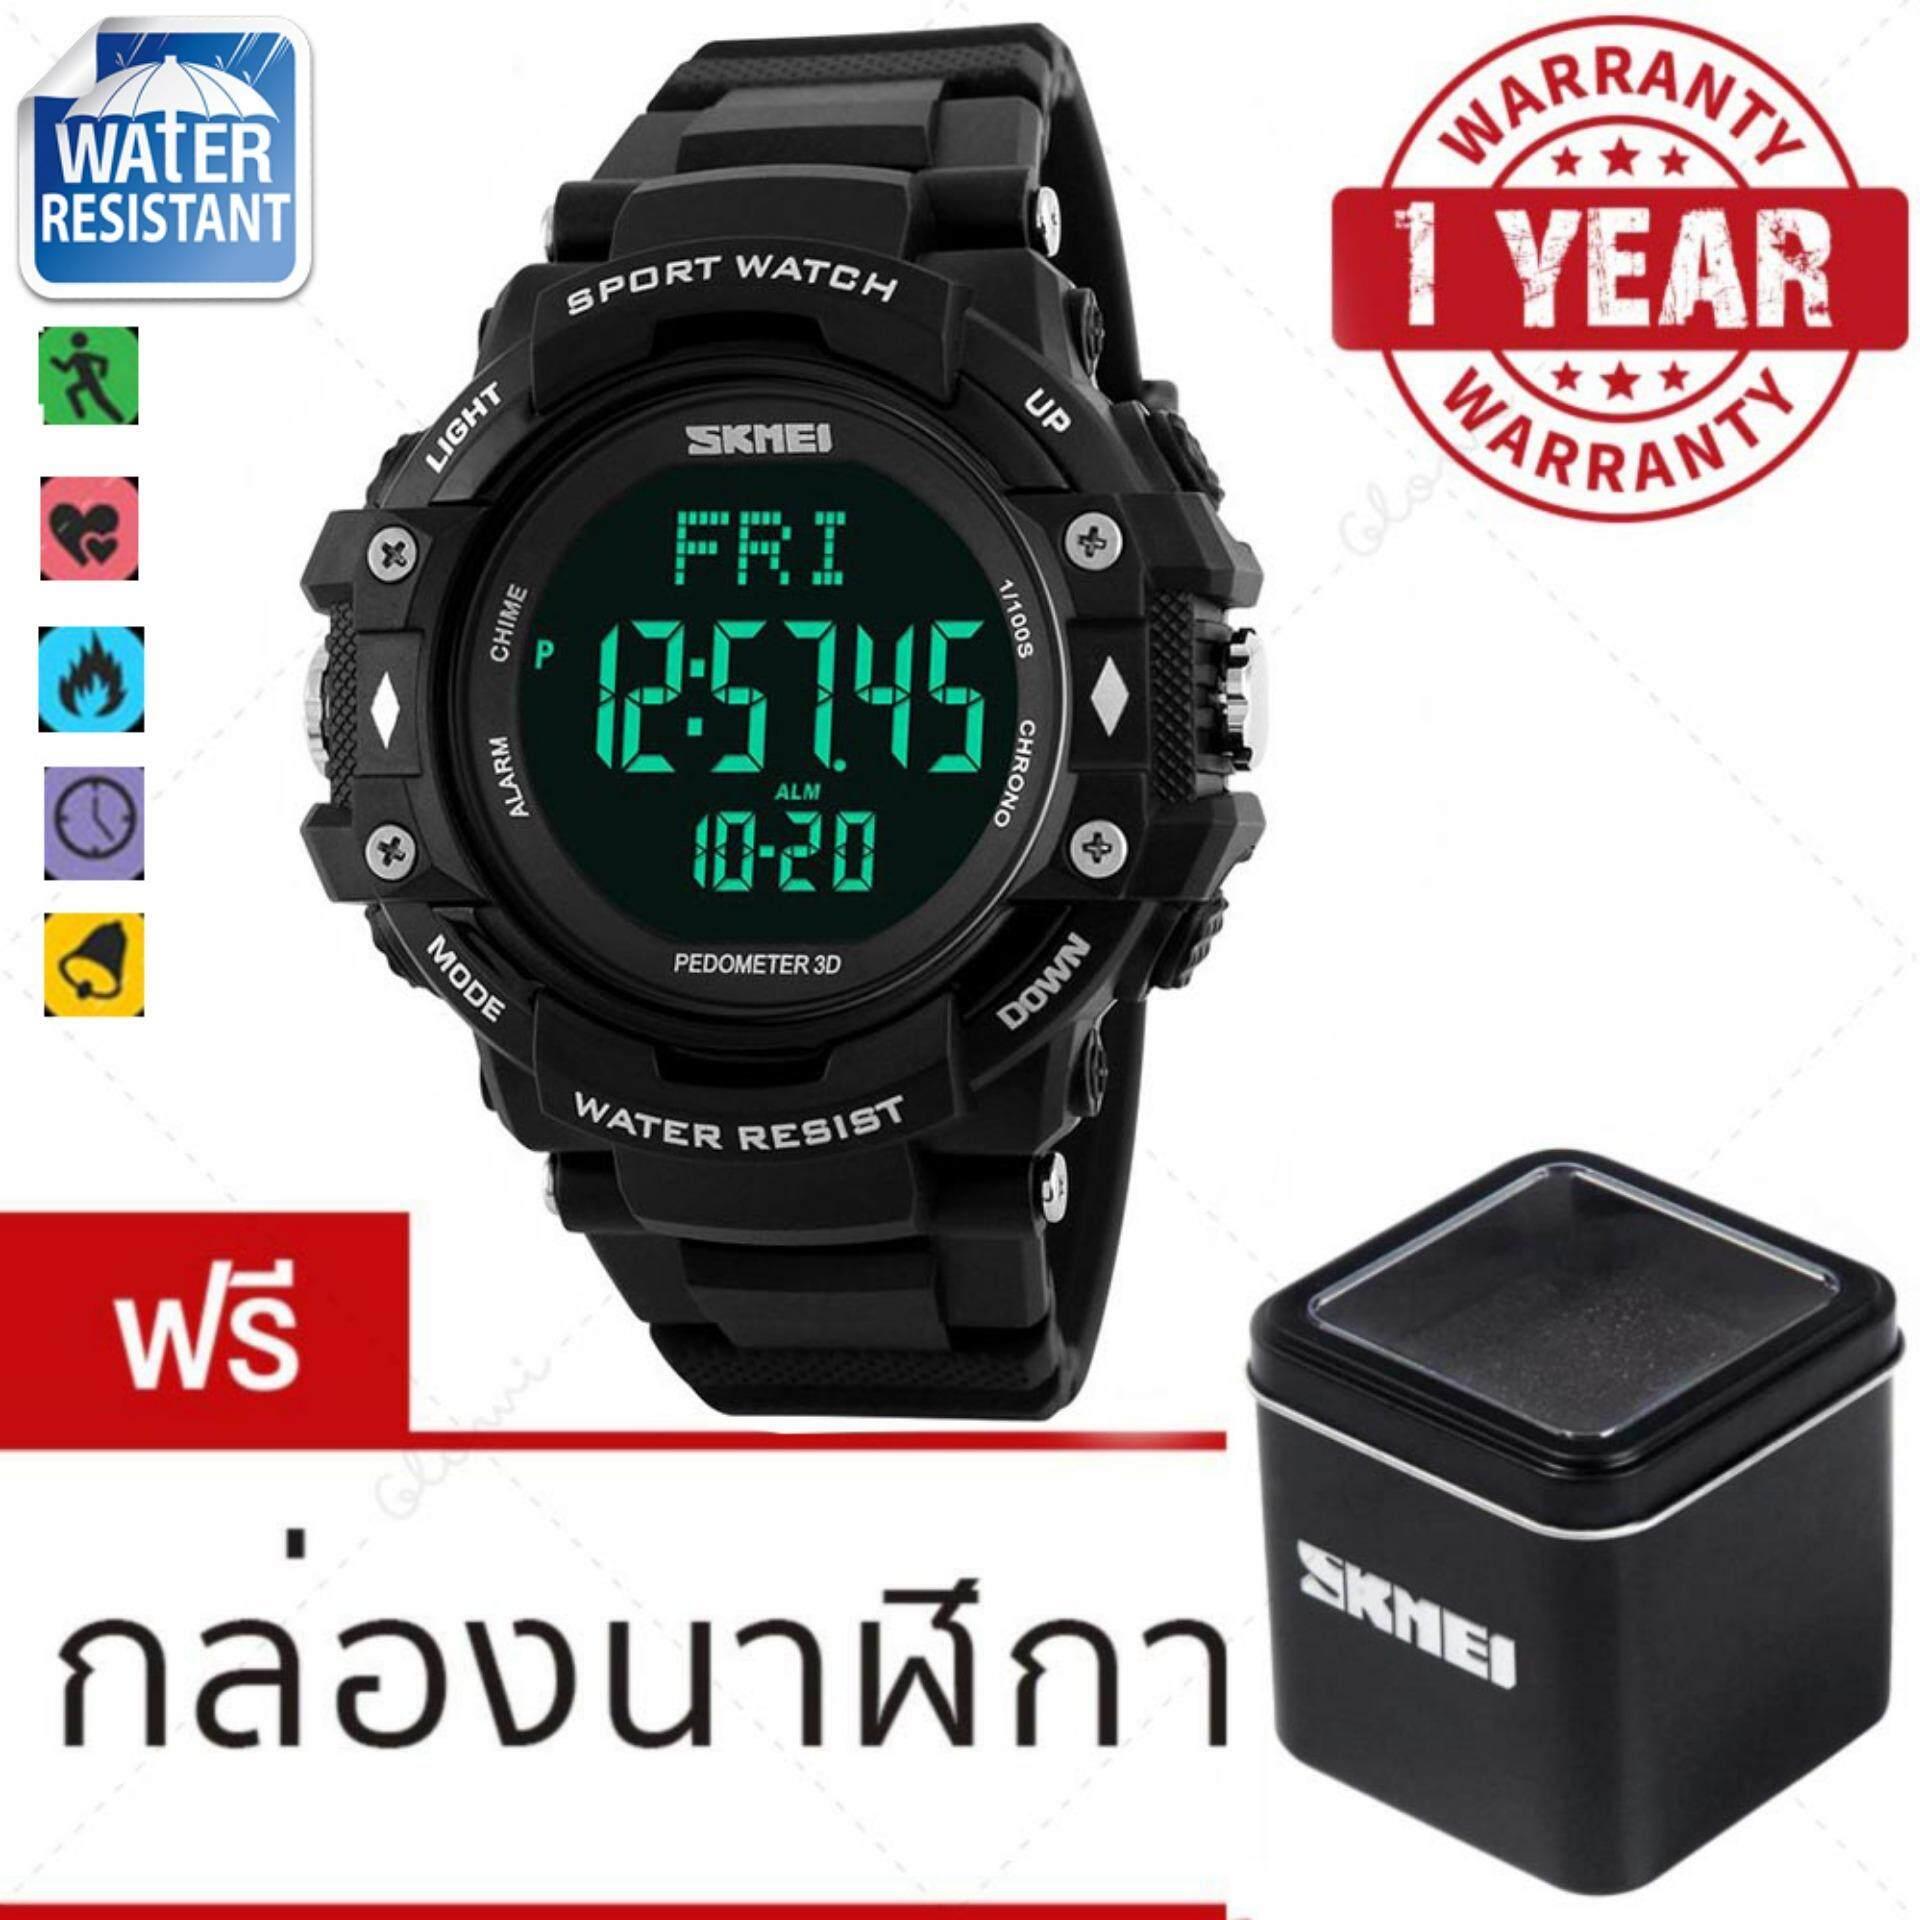 ราคา รับประกัน 1 ปี ของแท้แน่นอน Skmei นาฬิกาข้อมือผู้ชาย สไตล์ Fitness Trackes Sport Digital Smart Watch วัดก้าวเดิน วัดอัตราการเต้นของหัวใจ วัดแคลอรี่ จับเวลา นาฬิกาปลุก ใช้งานได้จริง Ledส่องสว่าง สายเรซิ่นสีดำ รุ่น Sk 1180 Skmei ออนไลน์